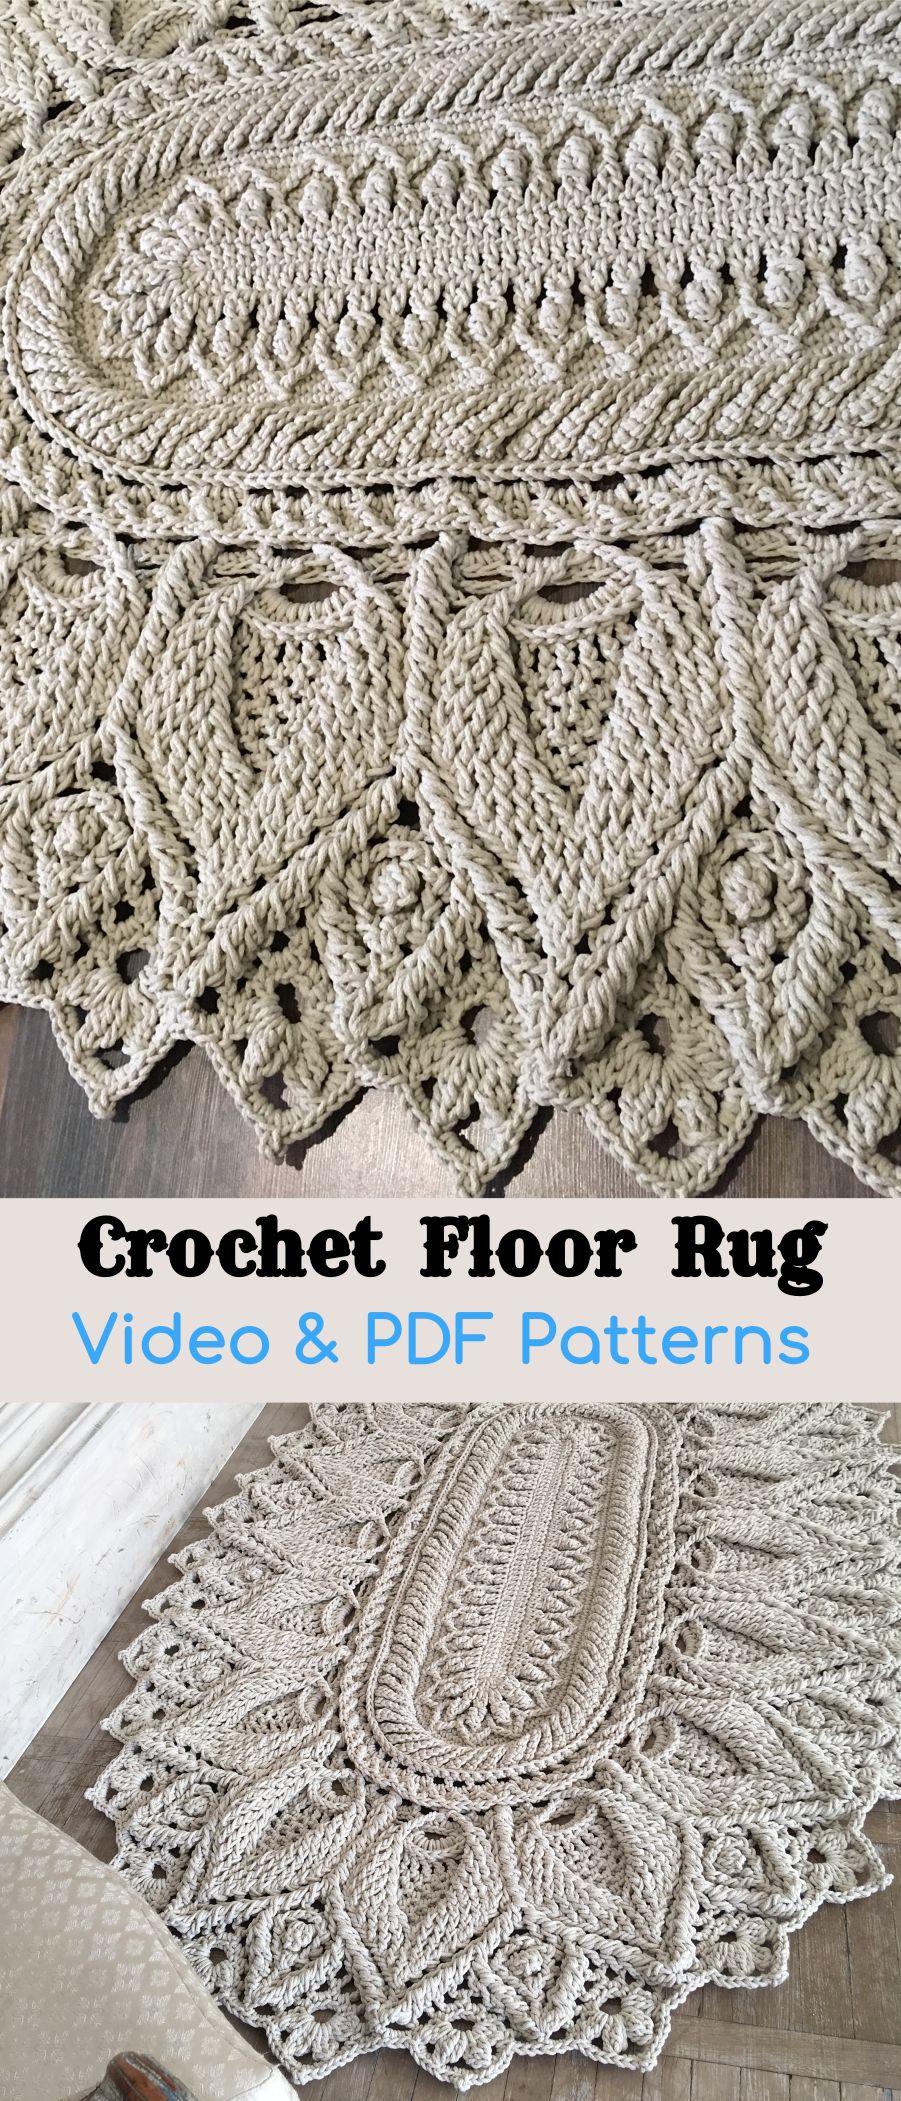 Crochet Floor Rug Video Pdf Tutorials See All Carpet Patterns In 2020 Crochet Rug Patterns Crochet Rug Patterns Free Rug Pattern